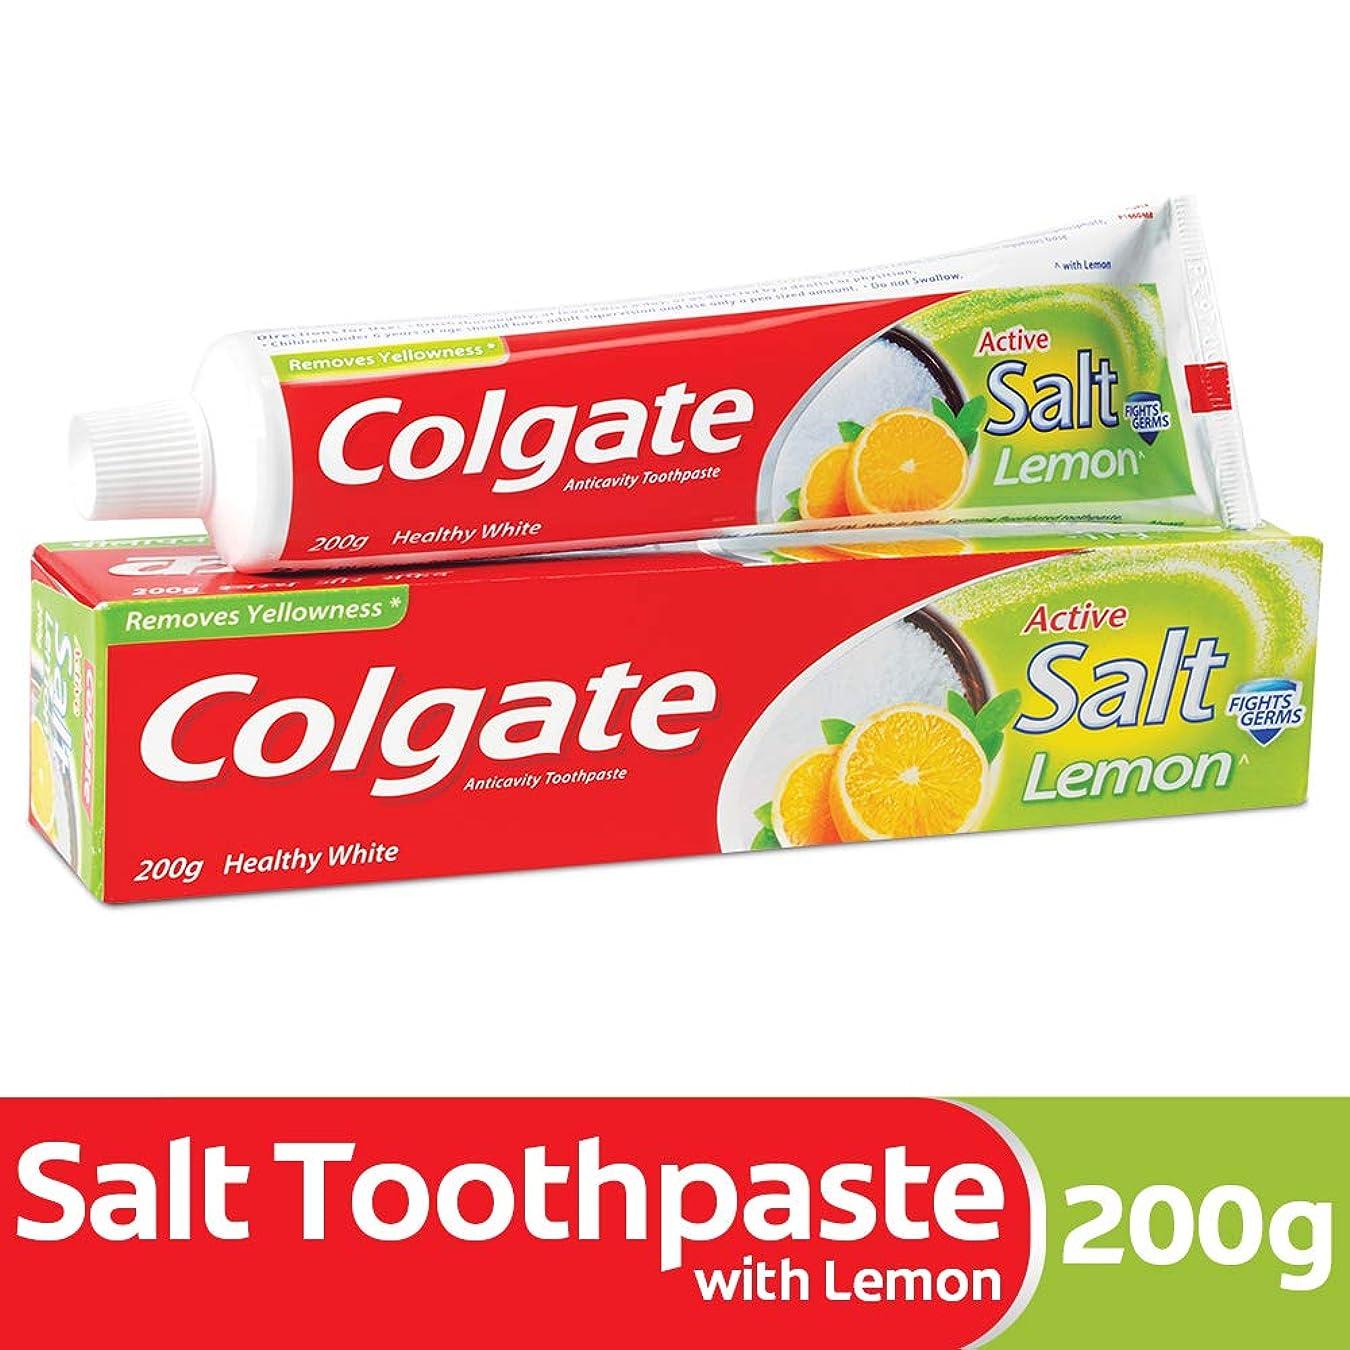 と組むストレスの多いコレクションColgate Toothpaste Active Salt - 200 g (Salt and Lemon)